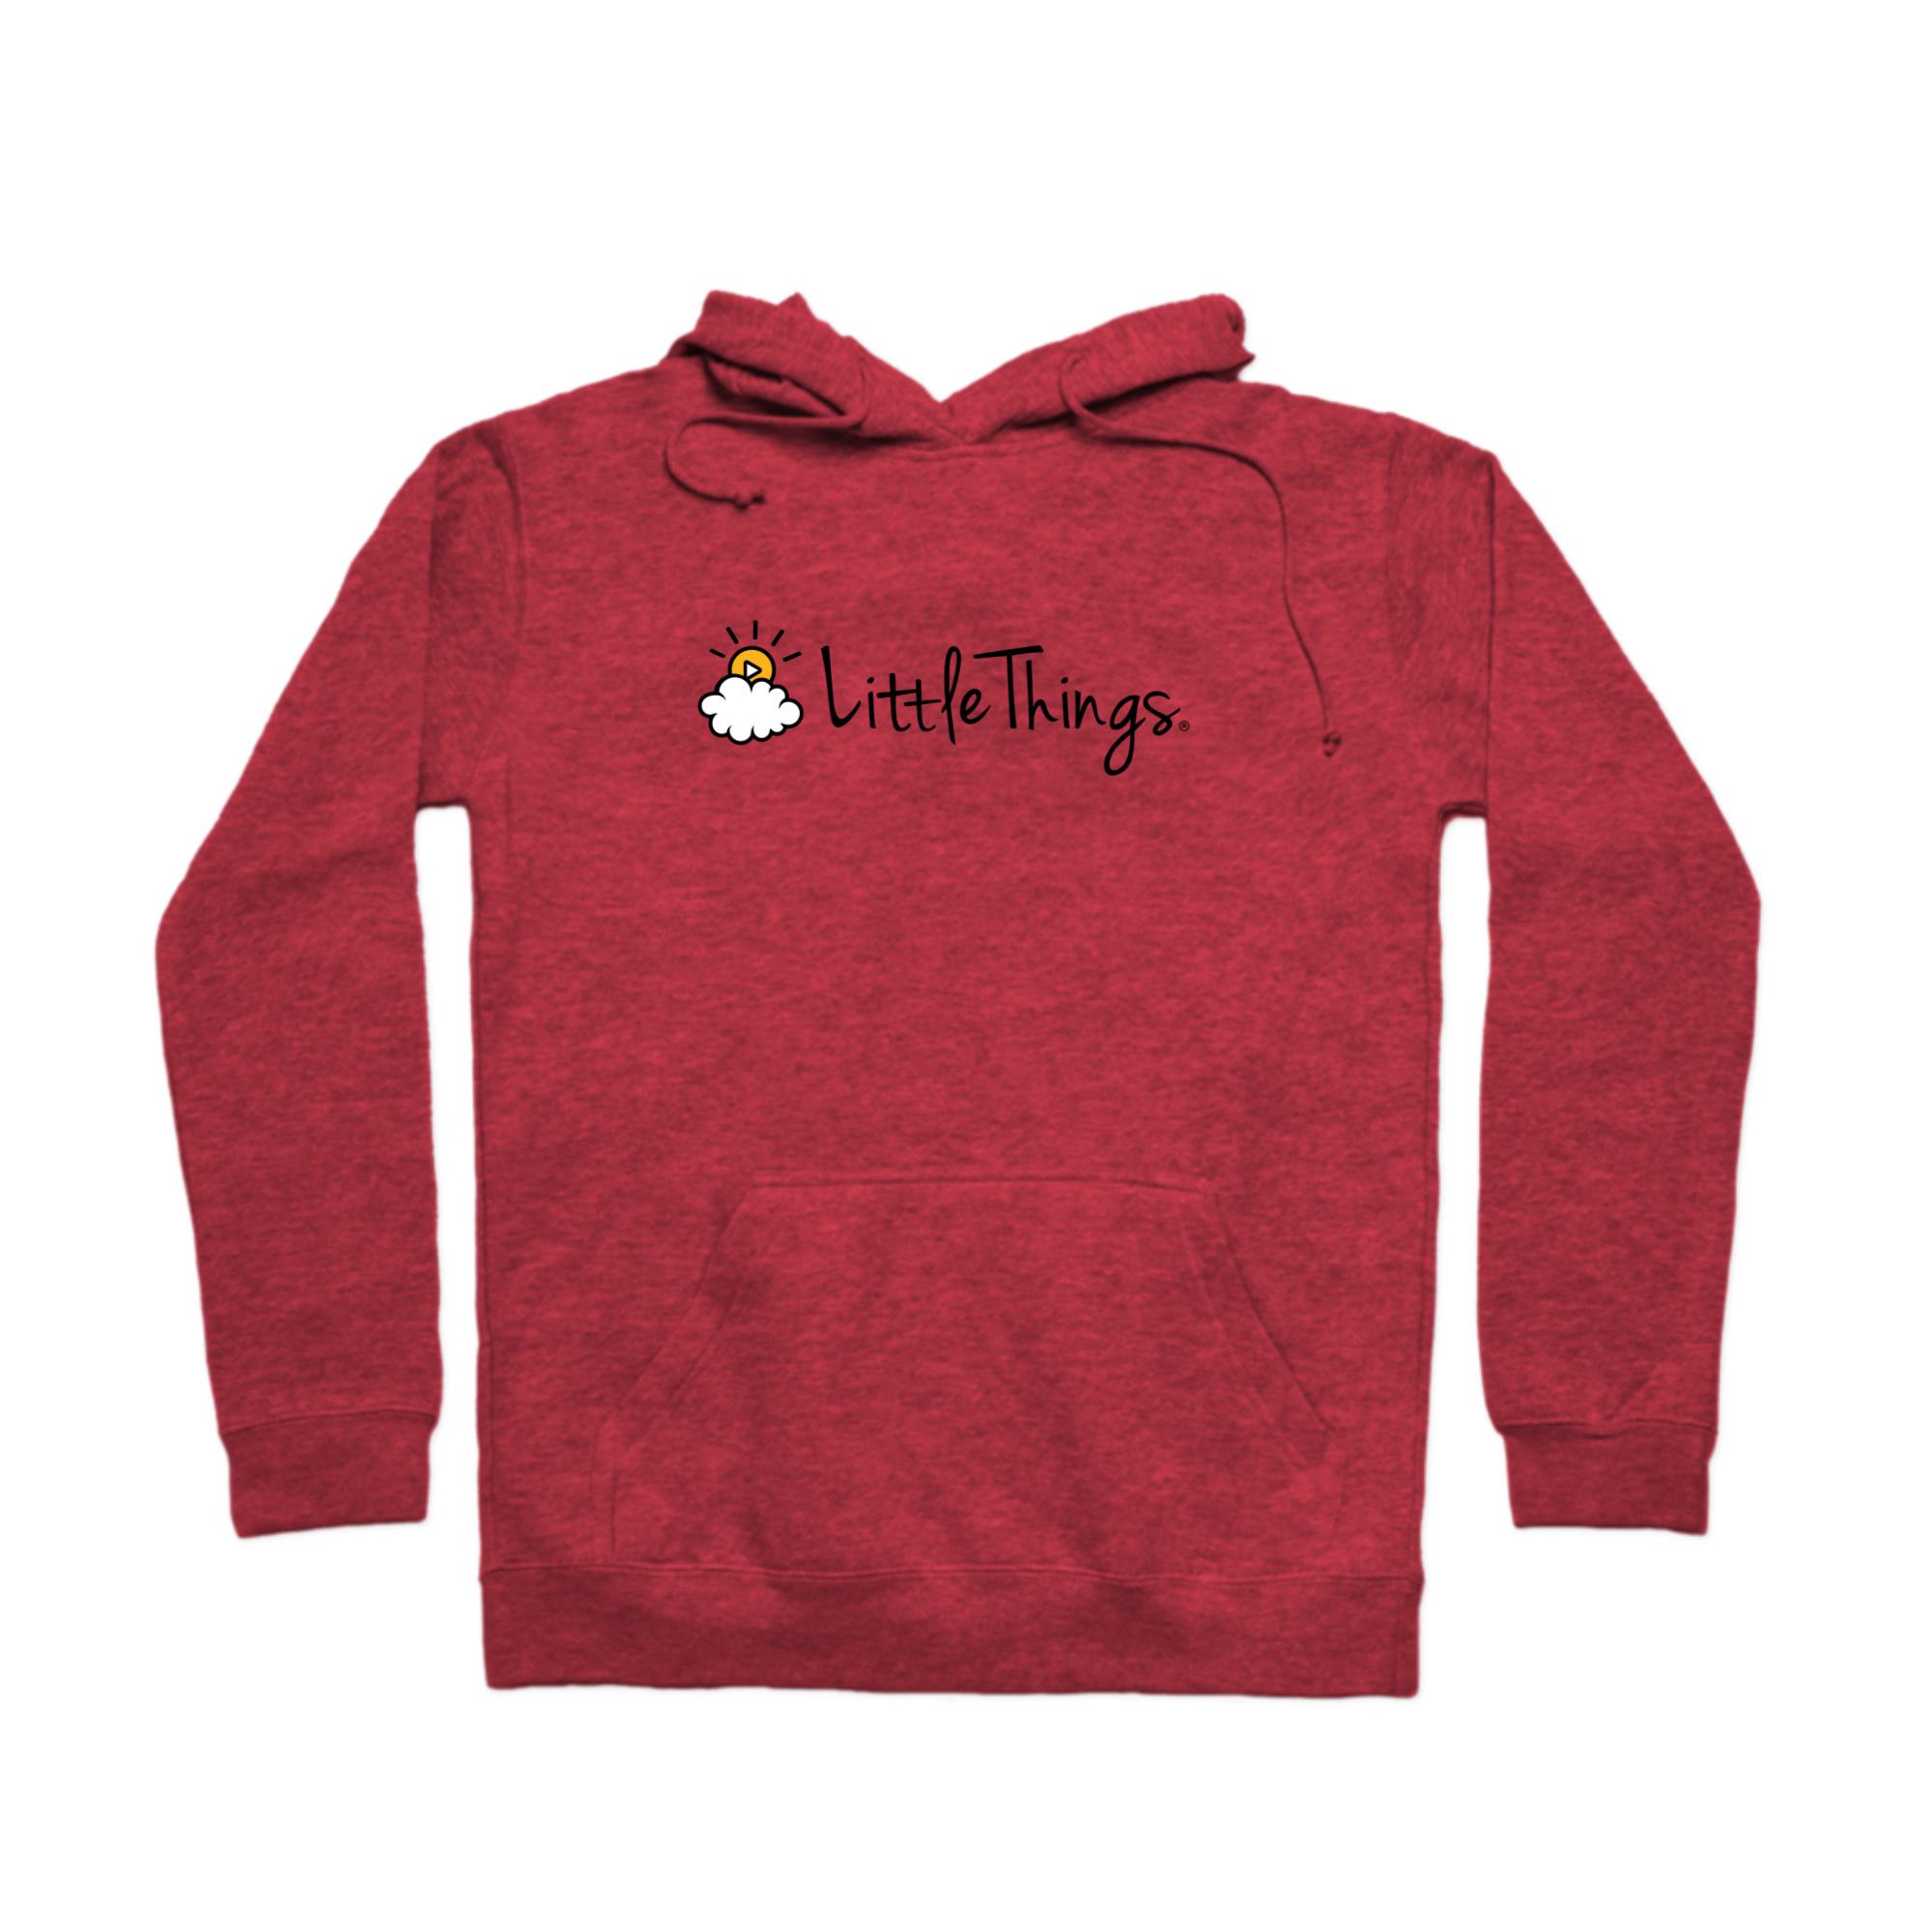 LittleThings  Pullover Hoodie